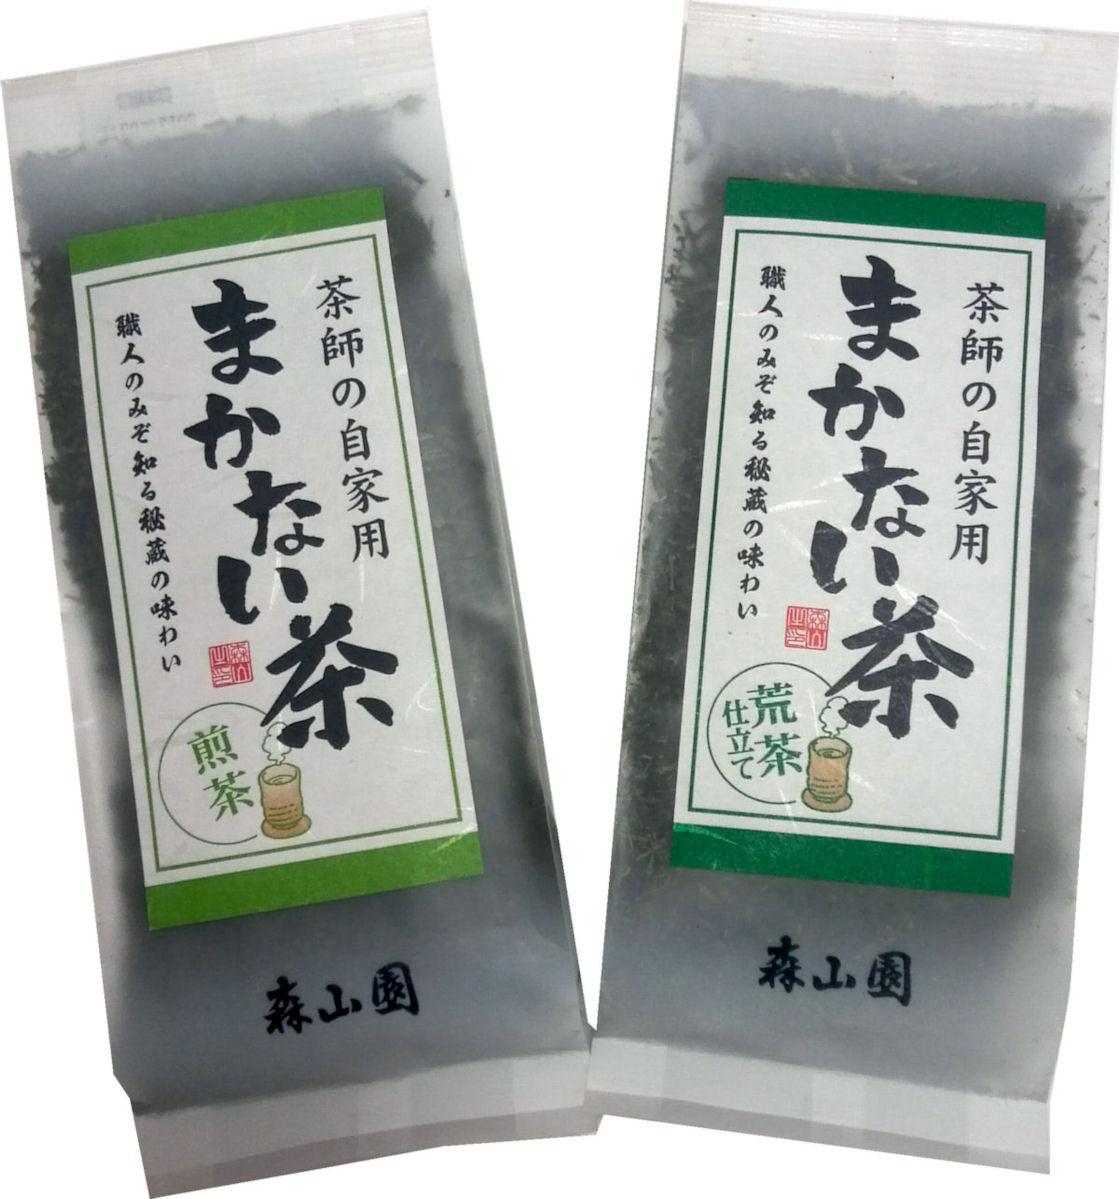 【ご注文1セットまではメール便発送】【超特価!茶師自家用まかない茶150gX2パック】